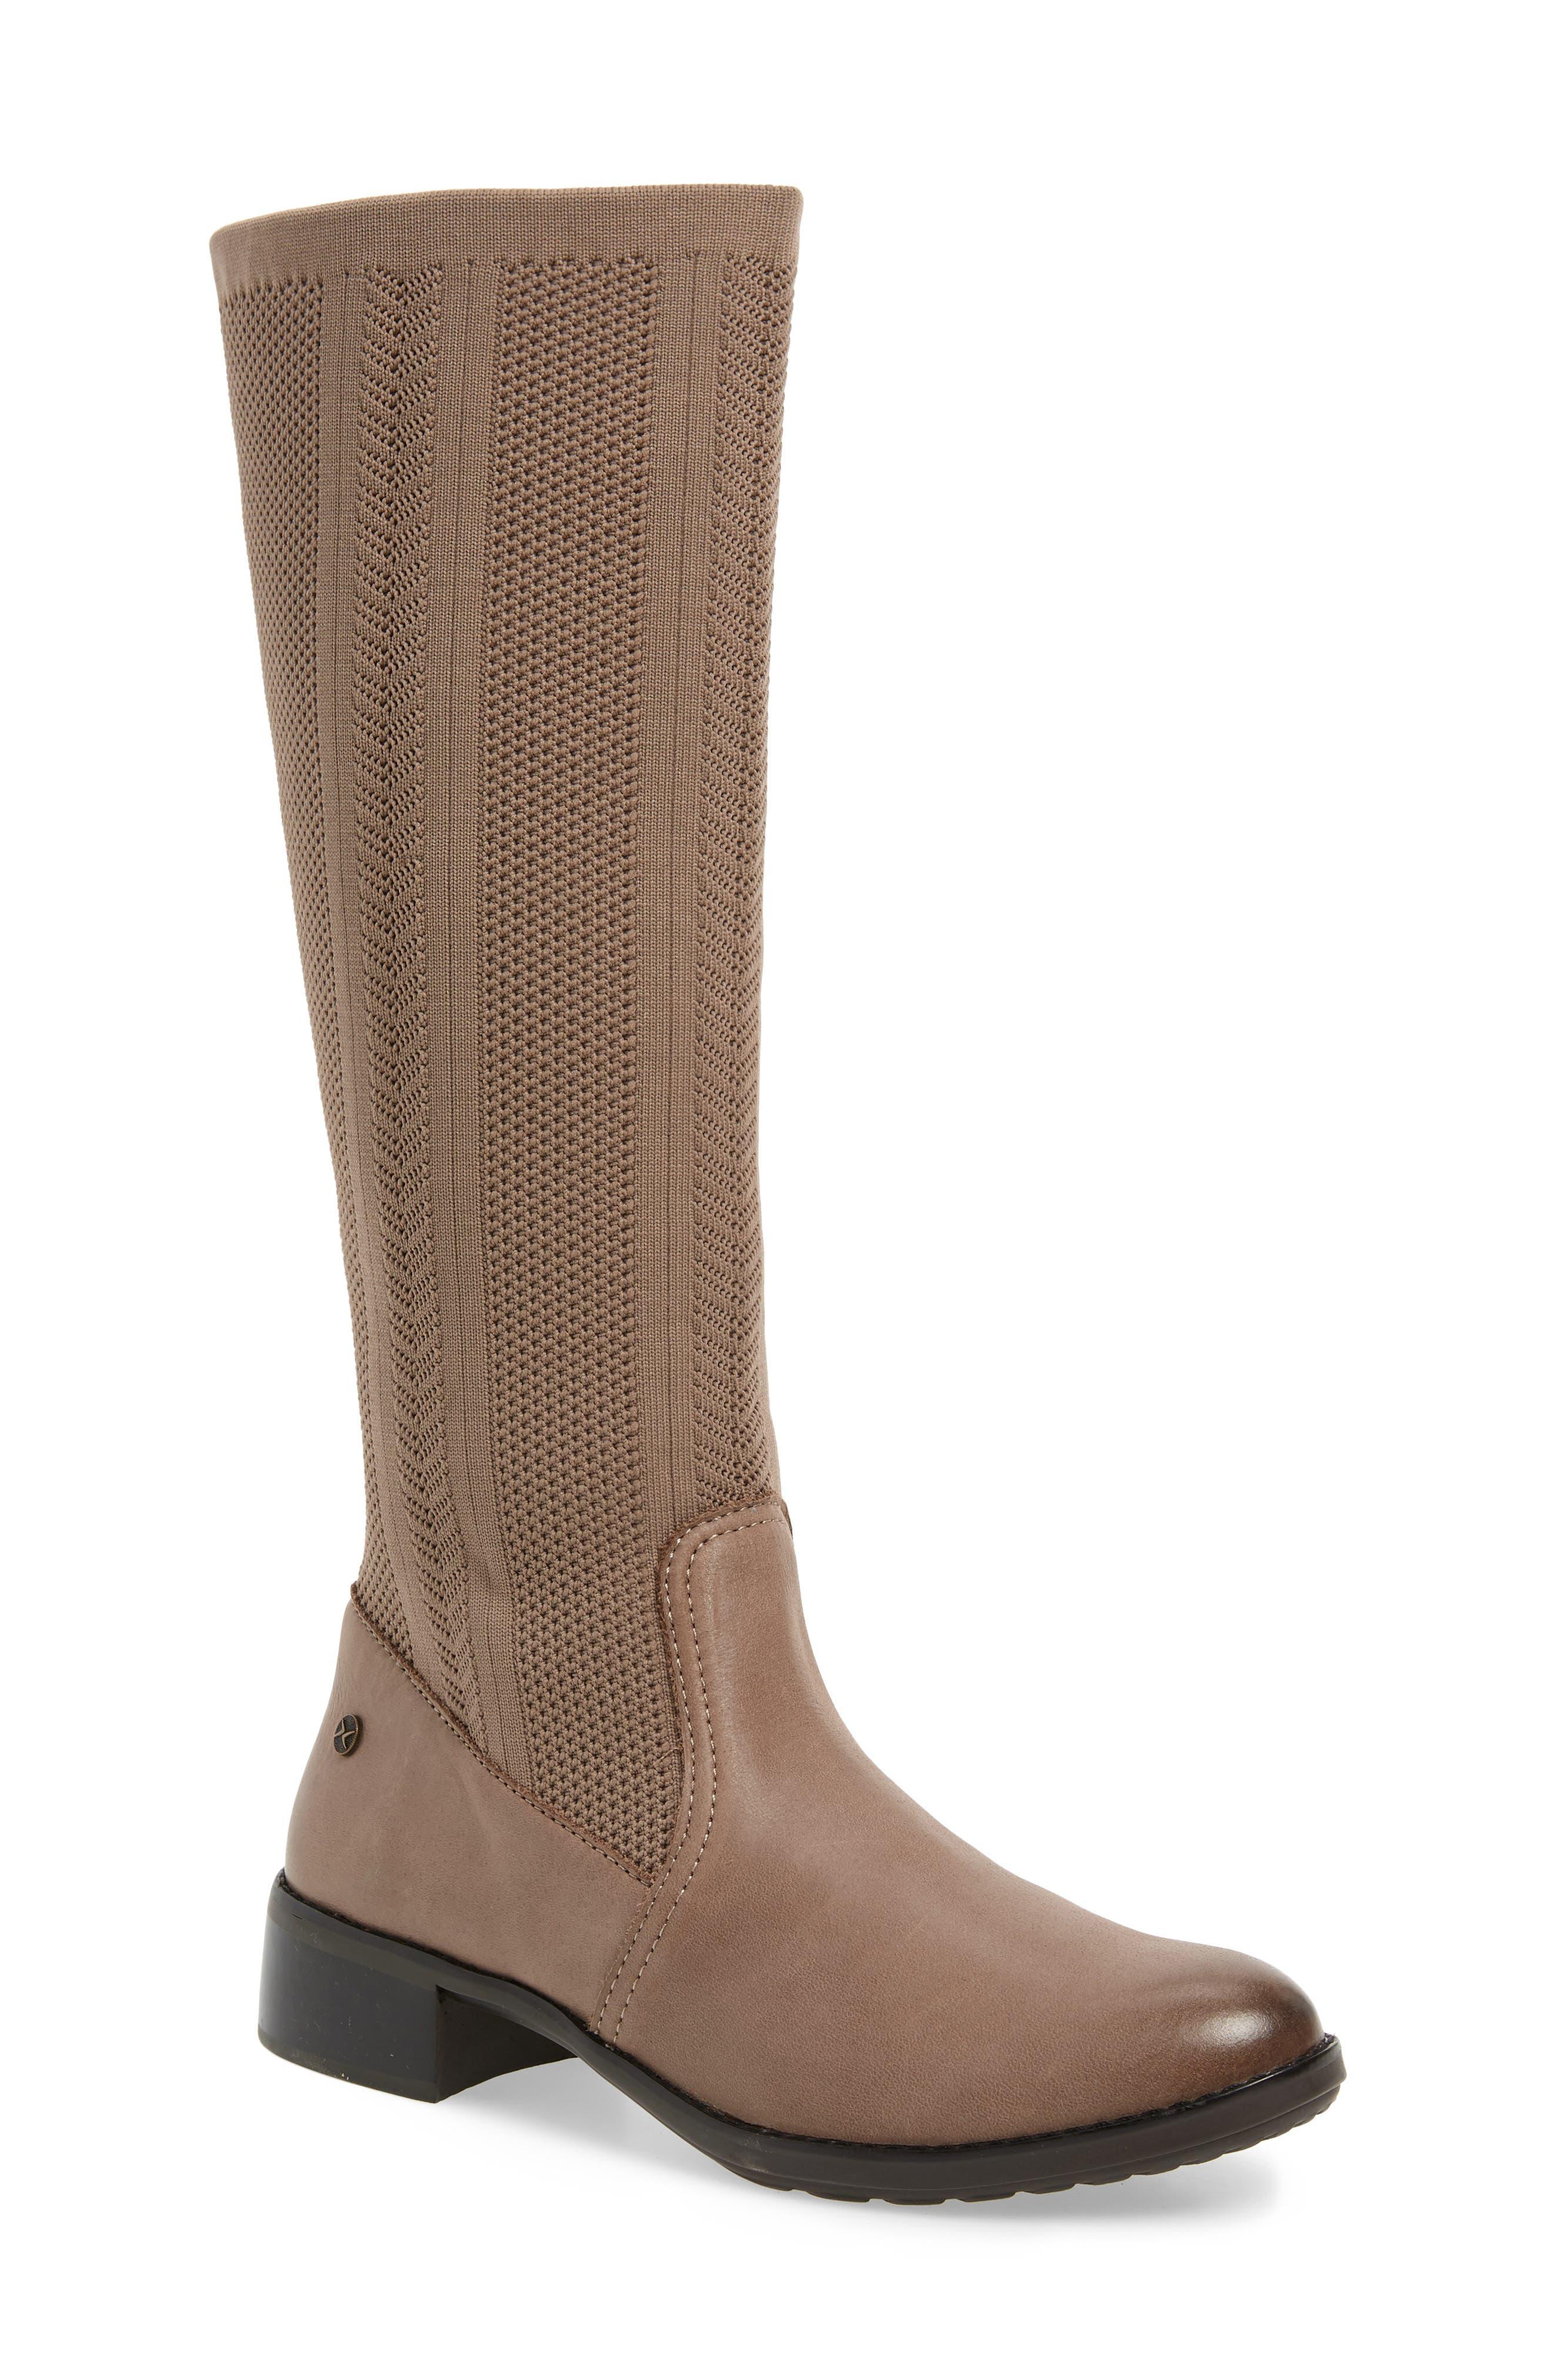 Aetrex Belle Sock Knit Shaft Boot, Beige